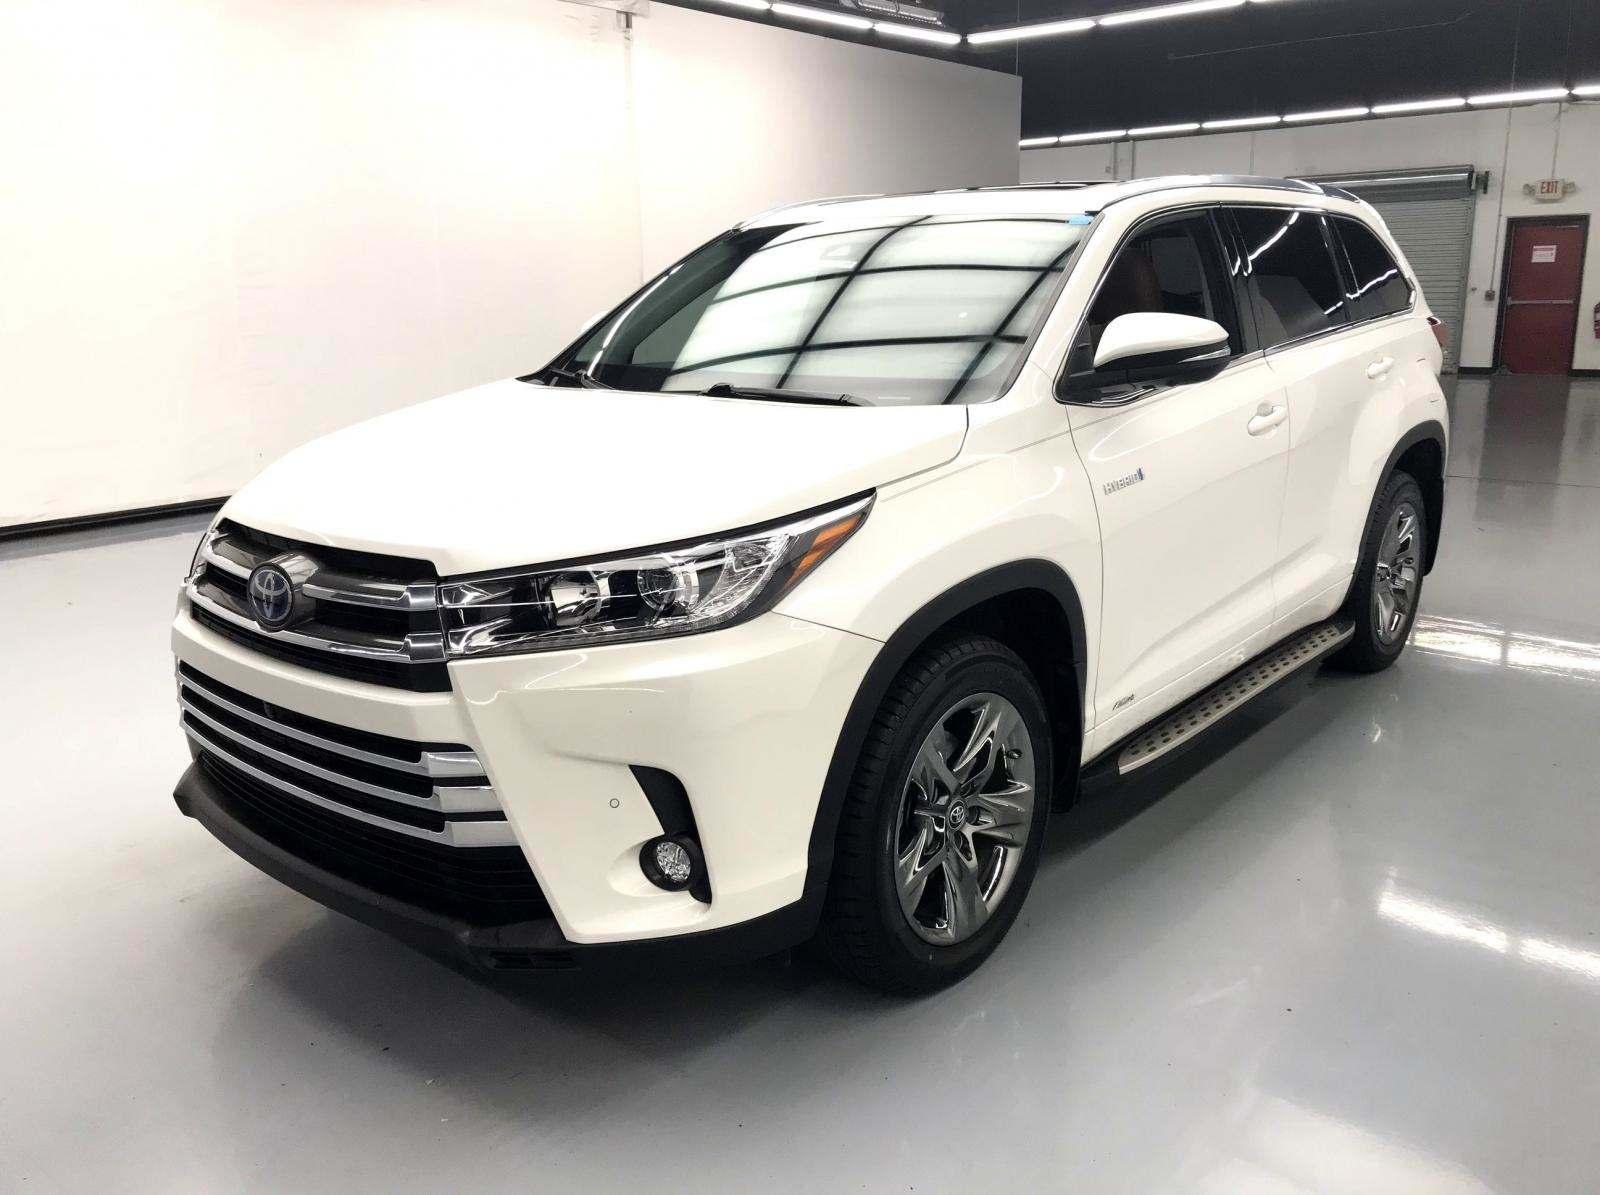 used Toyota Highlander 2018 vin: 5TDDGRFH7JS044736